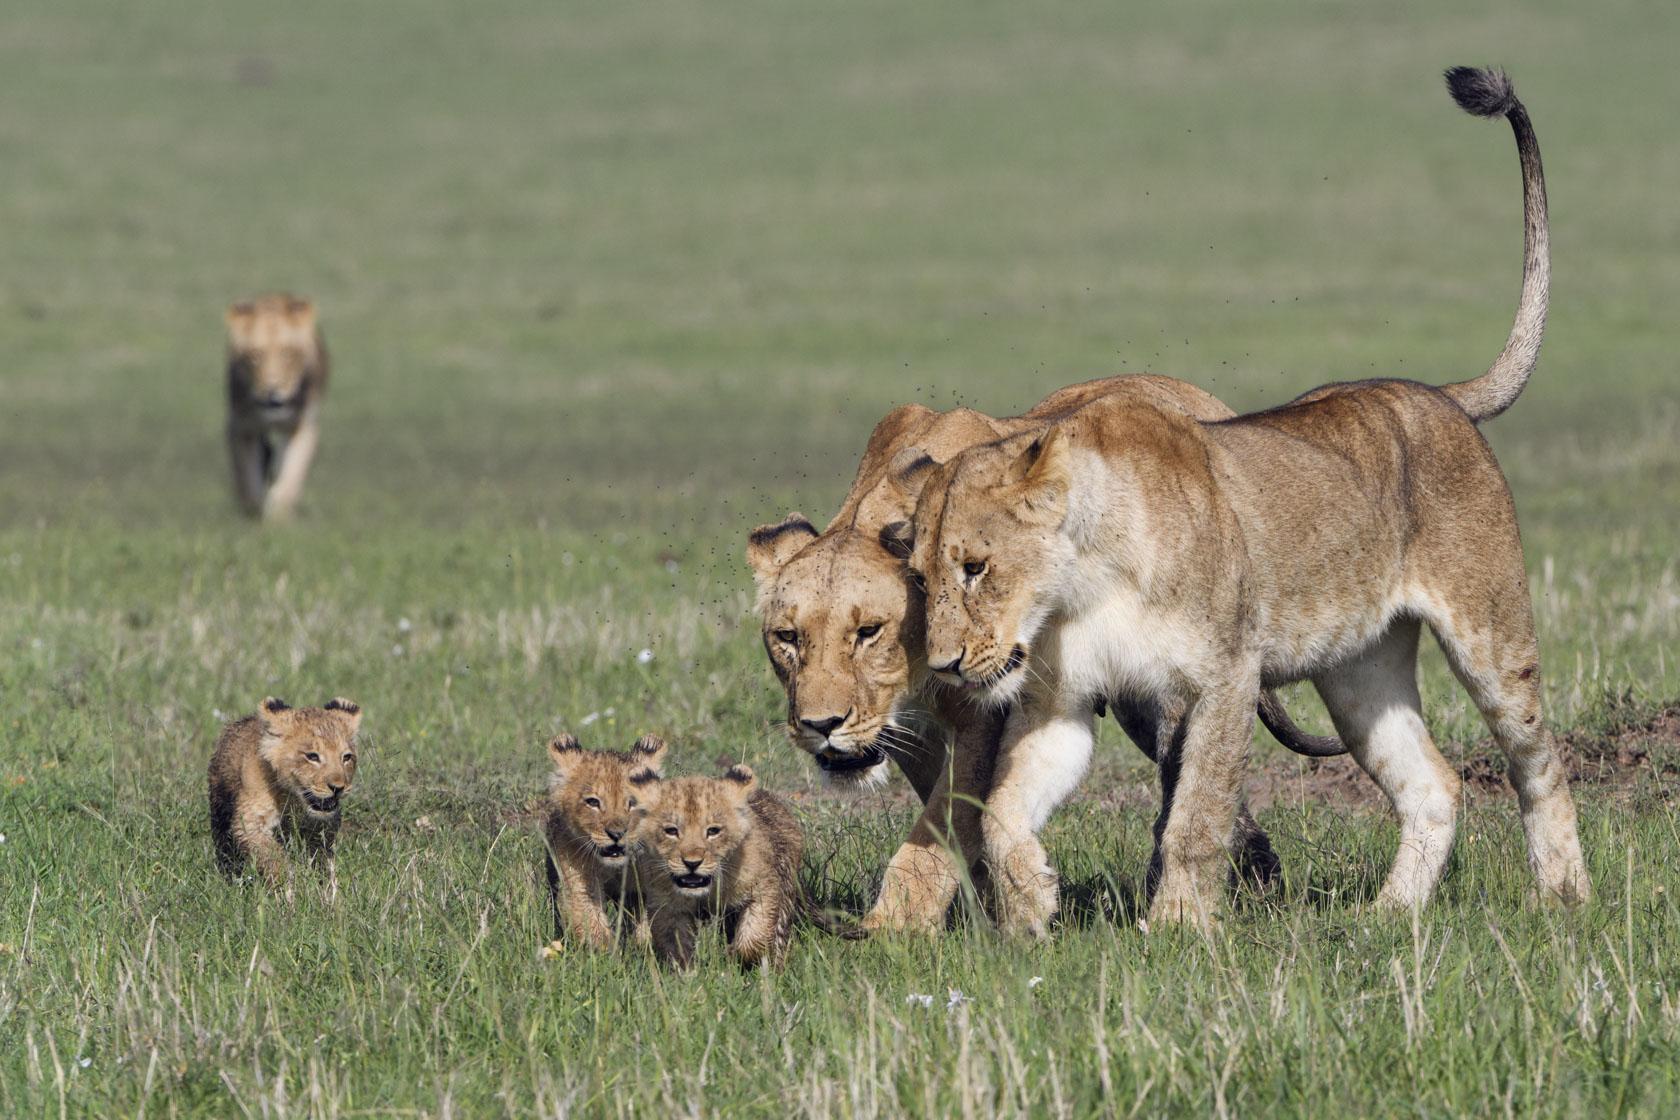 Auf dem Weg in ein schattiges Versteck im Uferdickicht einer Lugt läßt die Löwin eine ältere Tochter nahe an sich und die Babys heran…